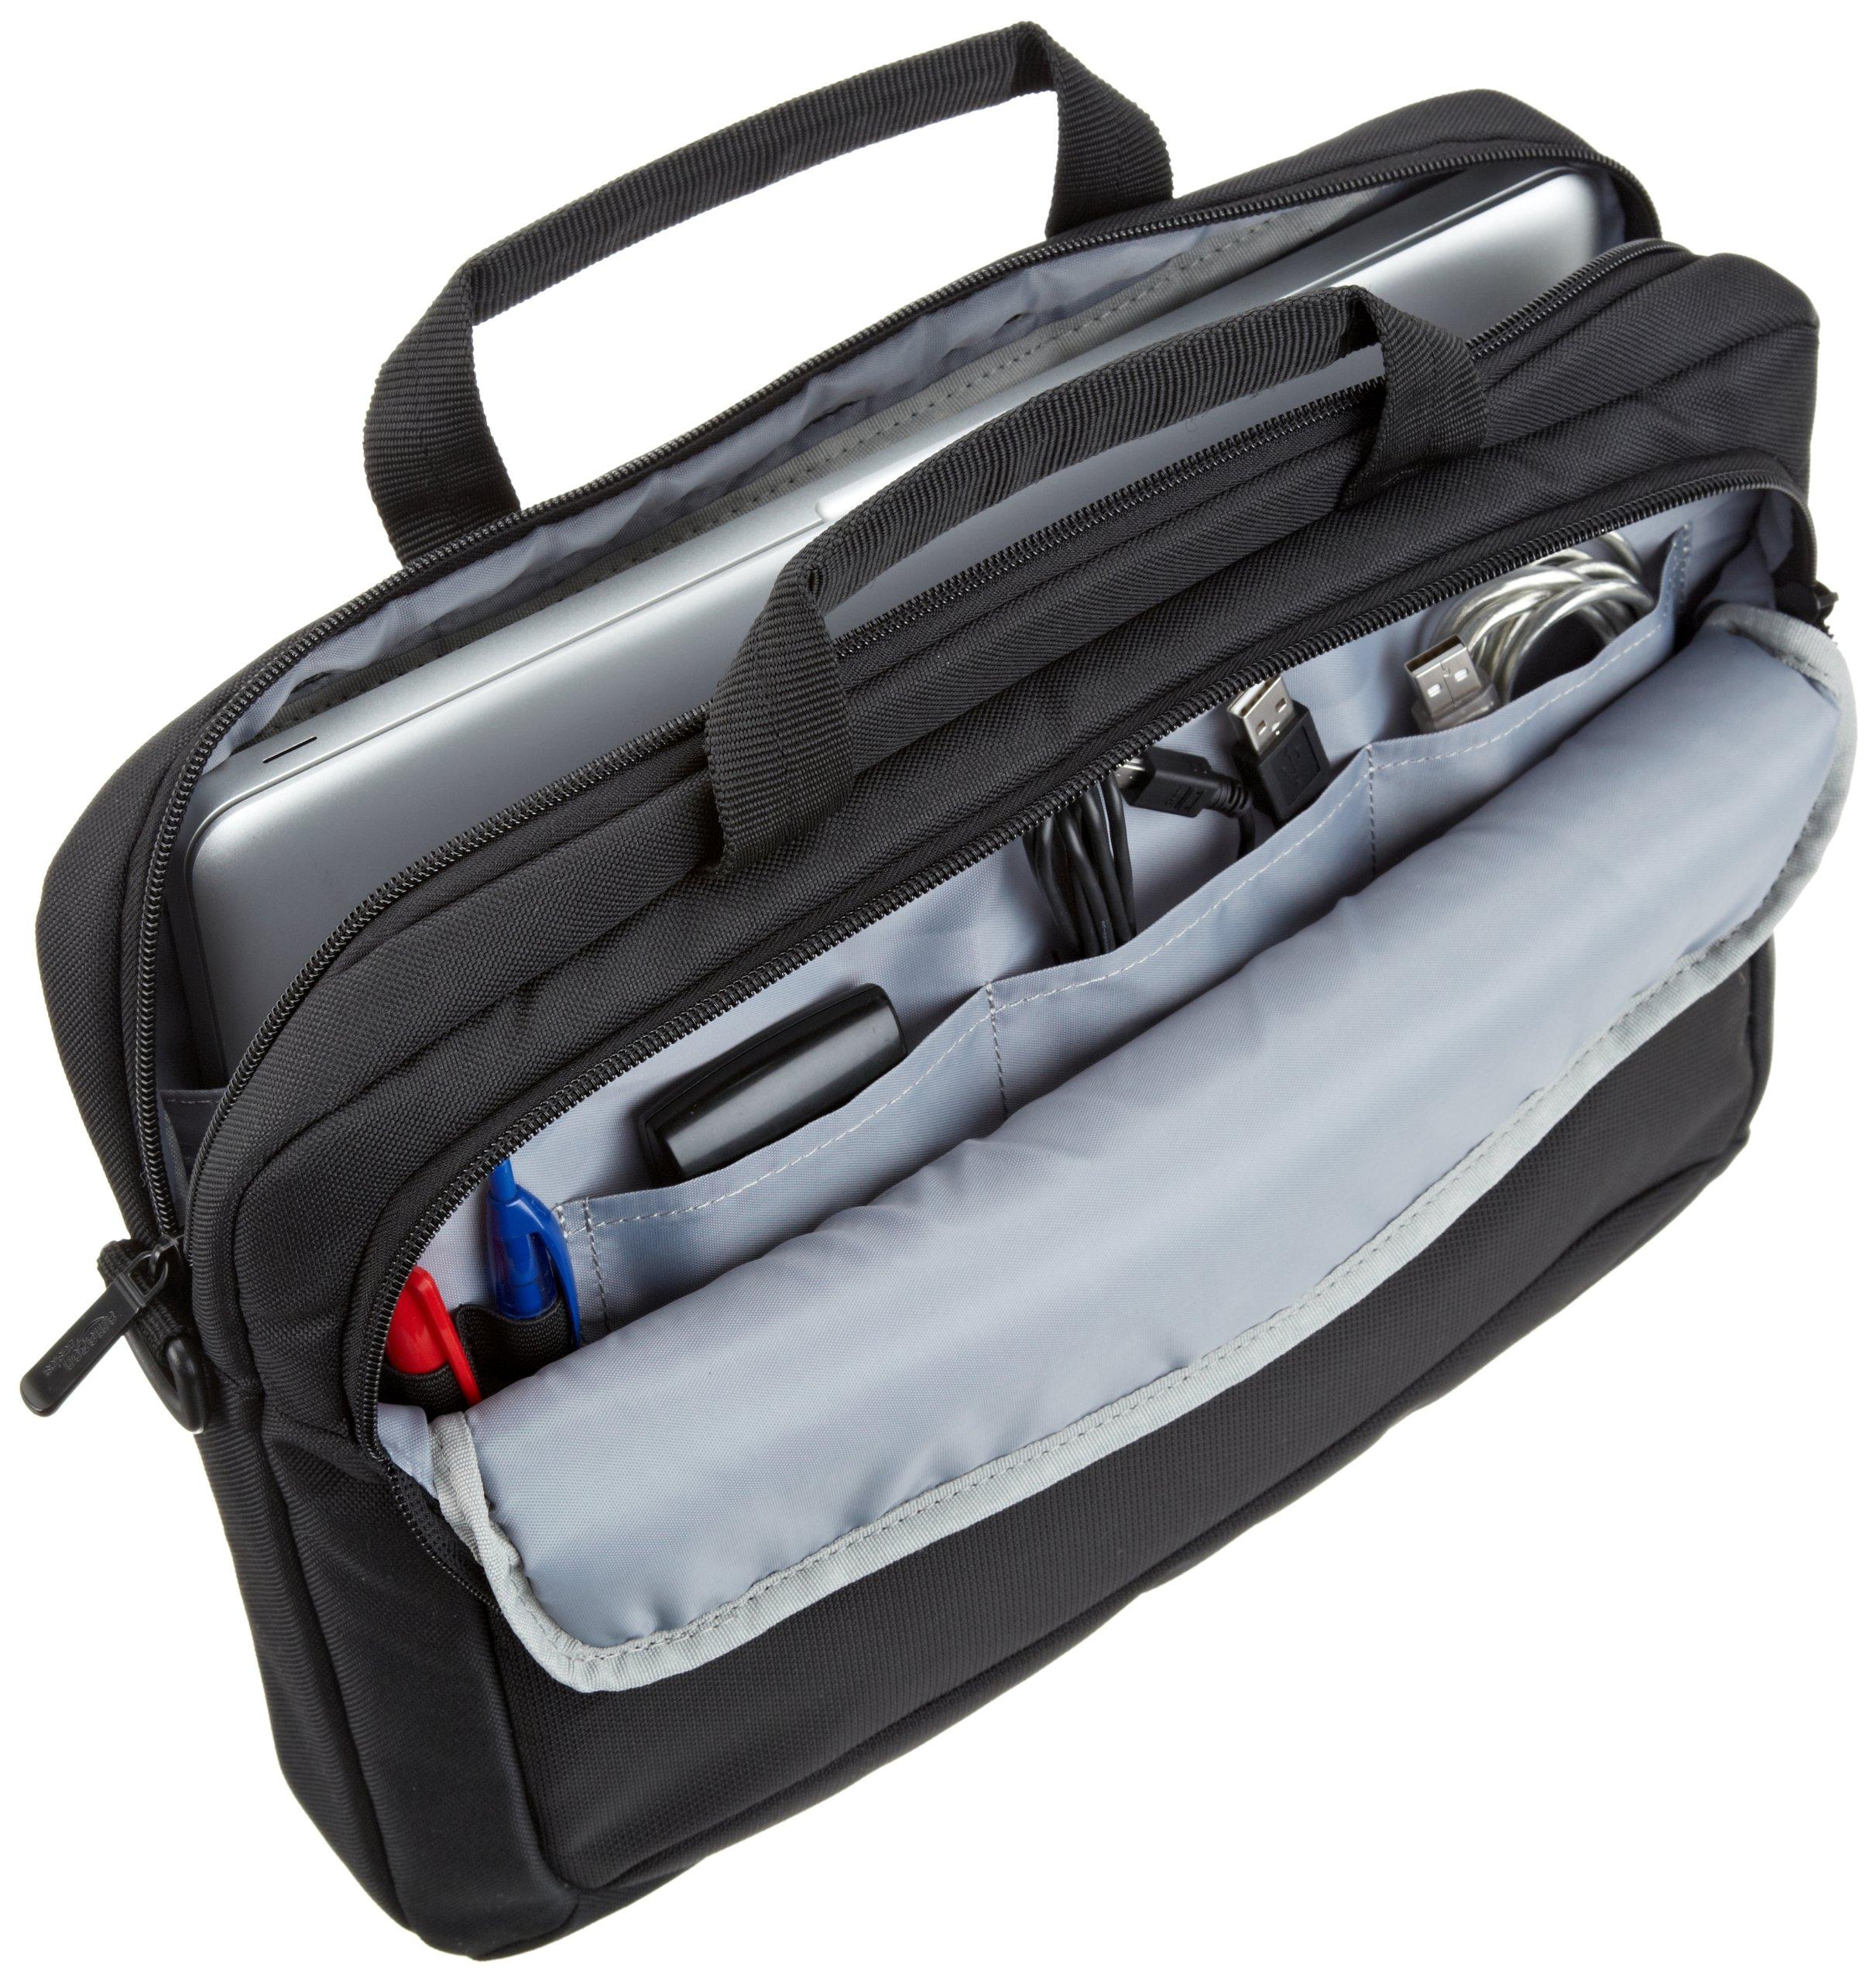 EEEkit 13/14/15.6 inch Laptop Shoulder Bag Laptop Sleeve